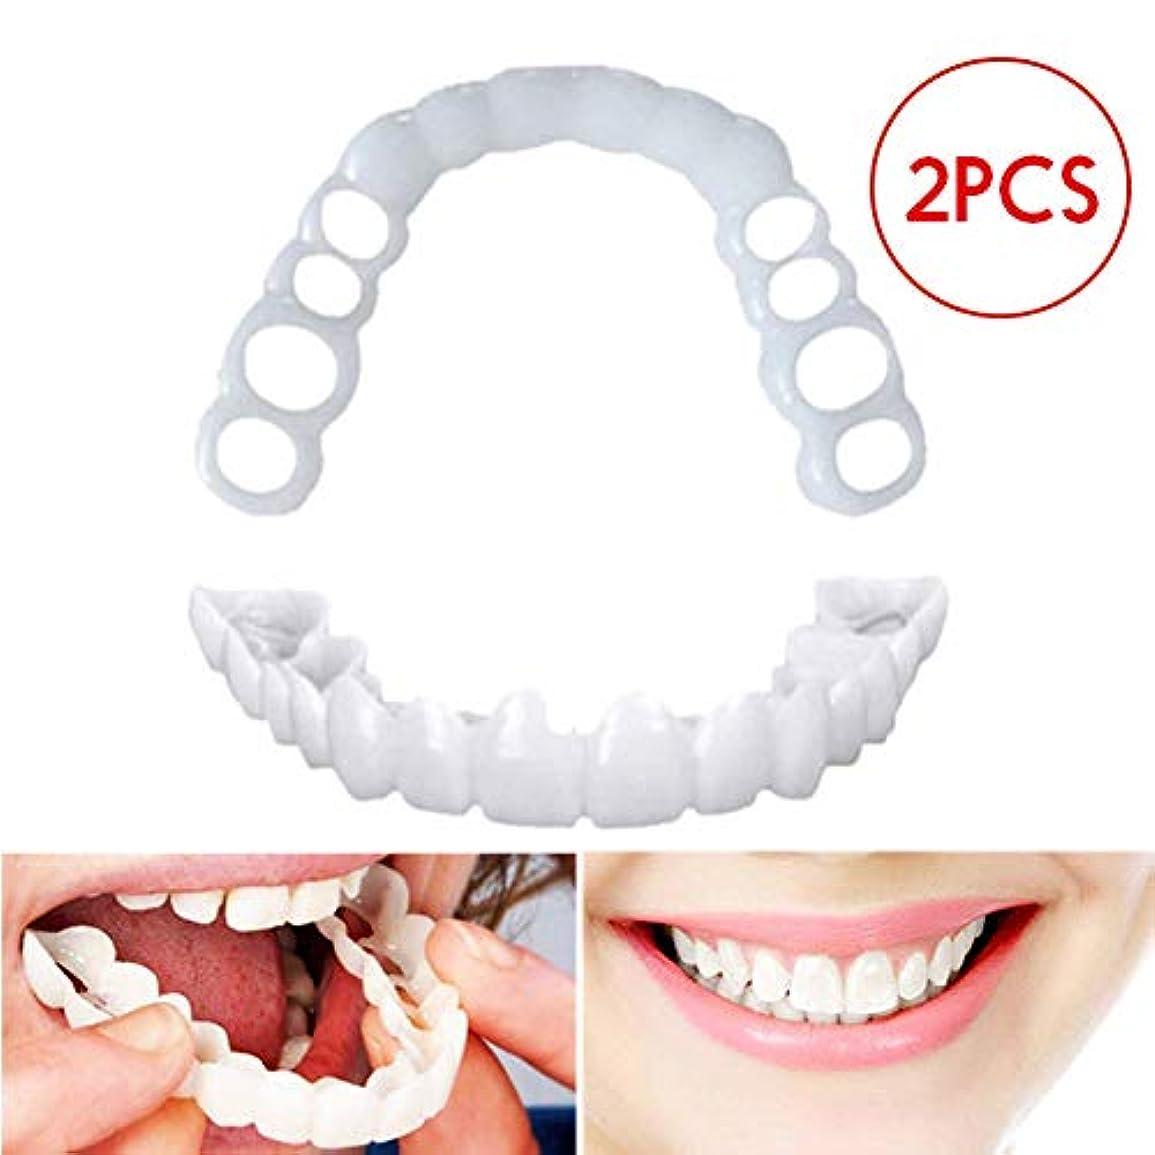 納屋不完全悲惨2組の一時的な化粧品の歯の義歯の歯の化粧品は装具を模倣しました、即刻の快適な完全なベニヤの歯のスナップキャップを白くします,2pcsupperteeth